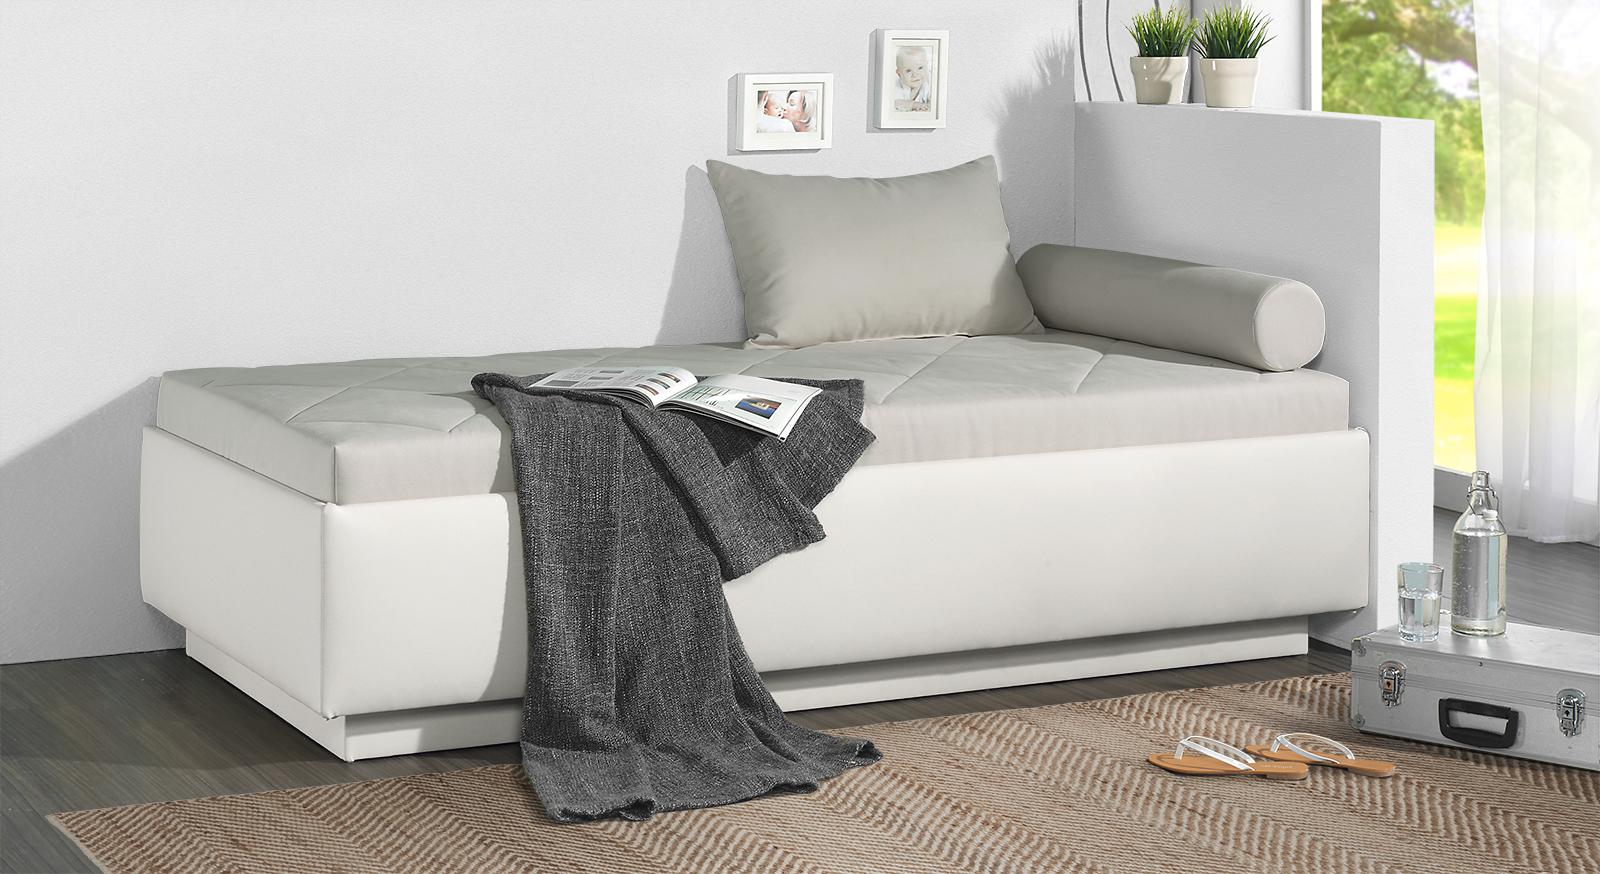 Relaxliege Eriko in hellgrauem Microvelours und weißem Kunstleder